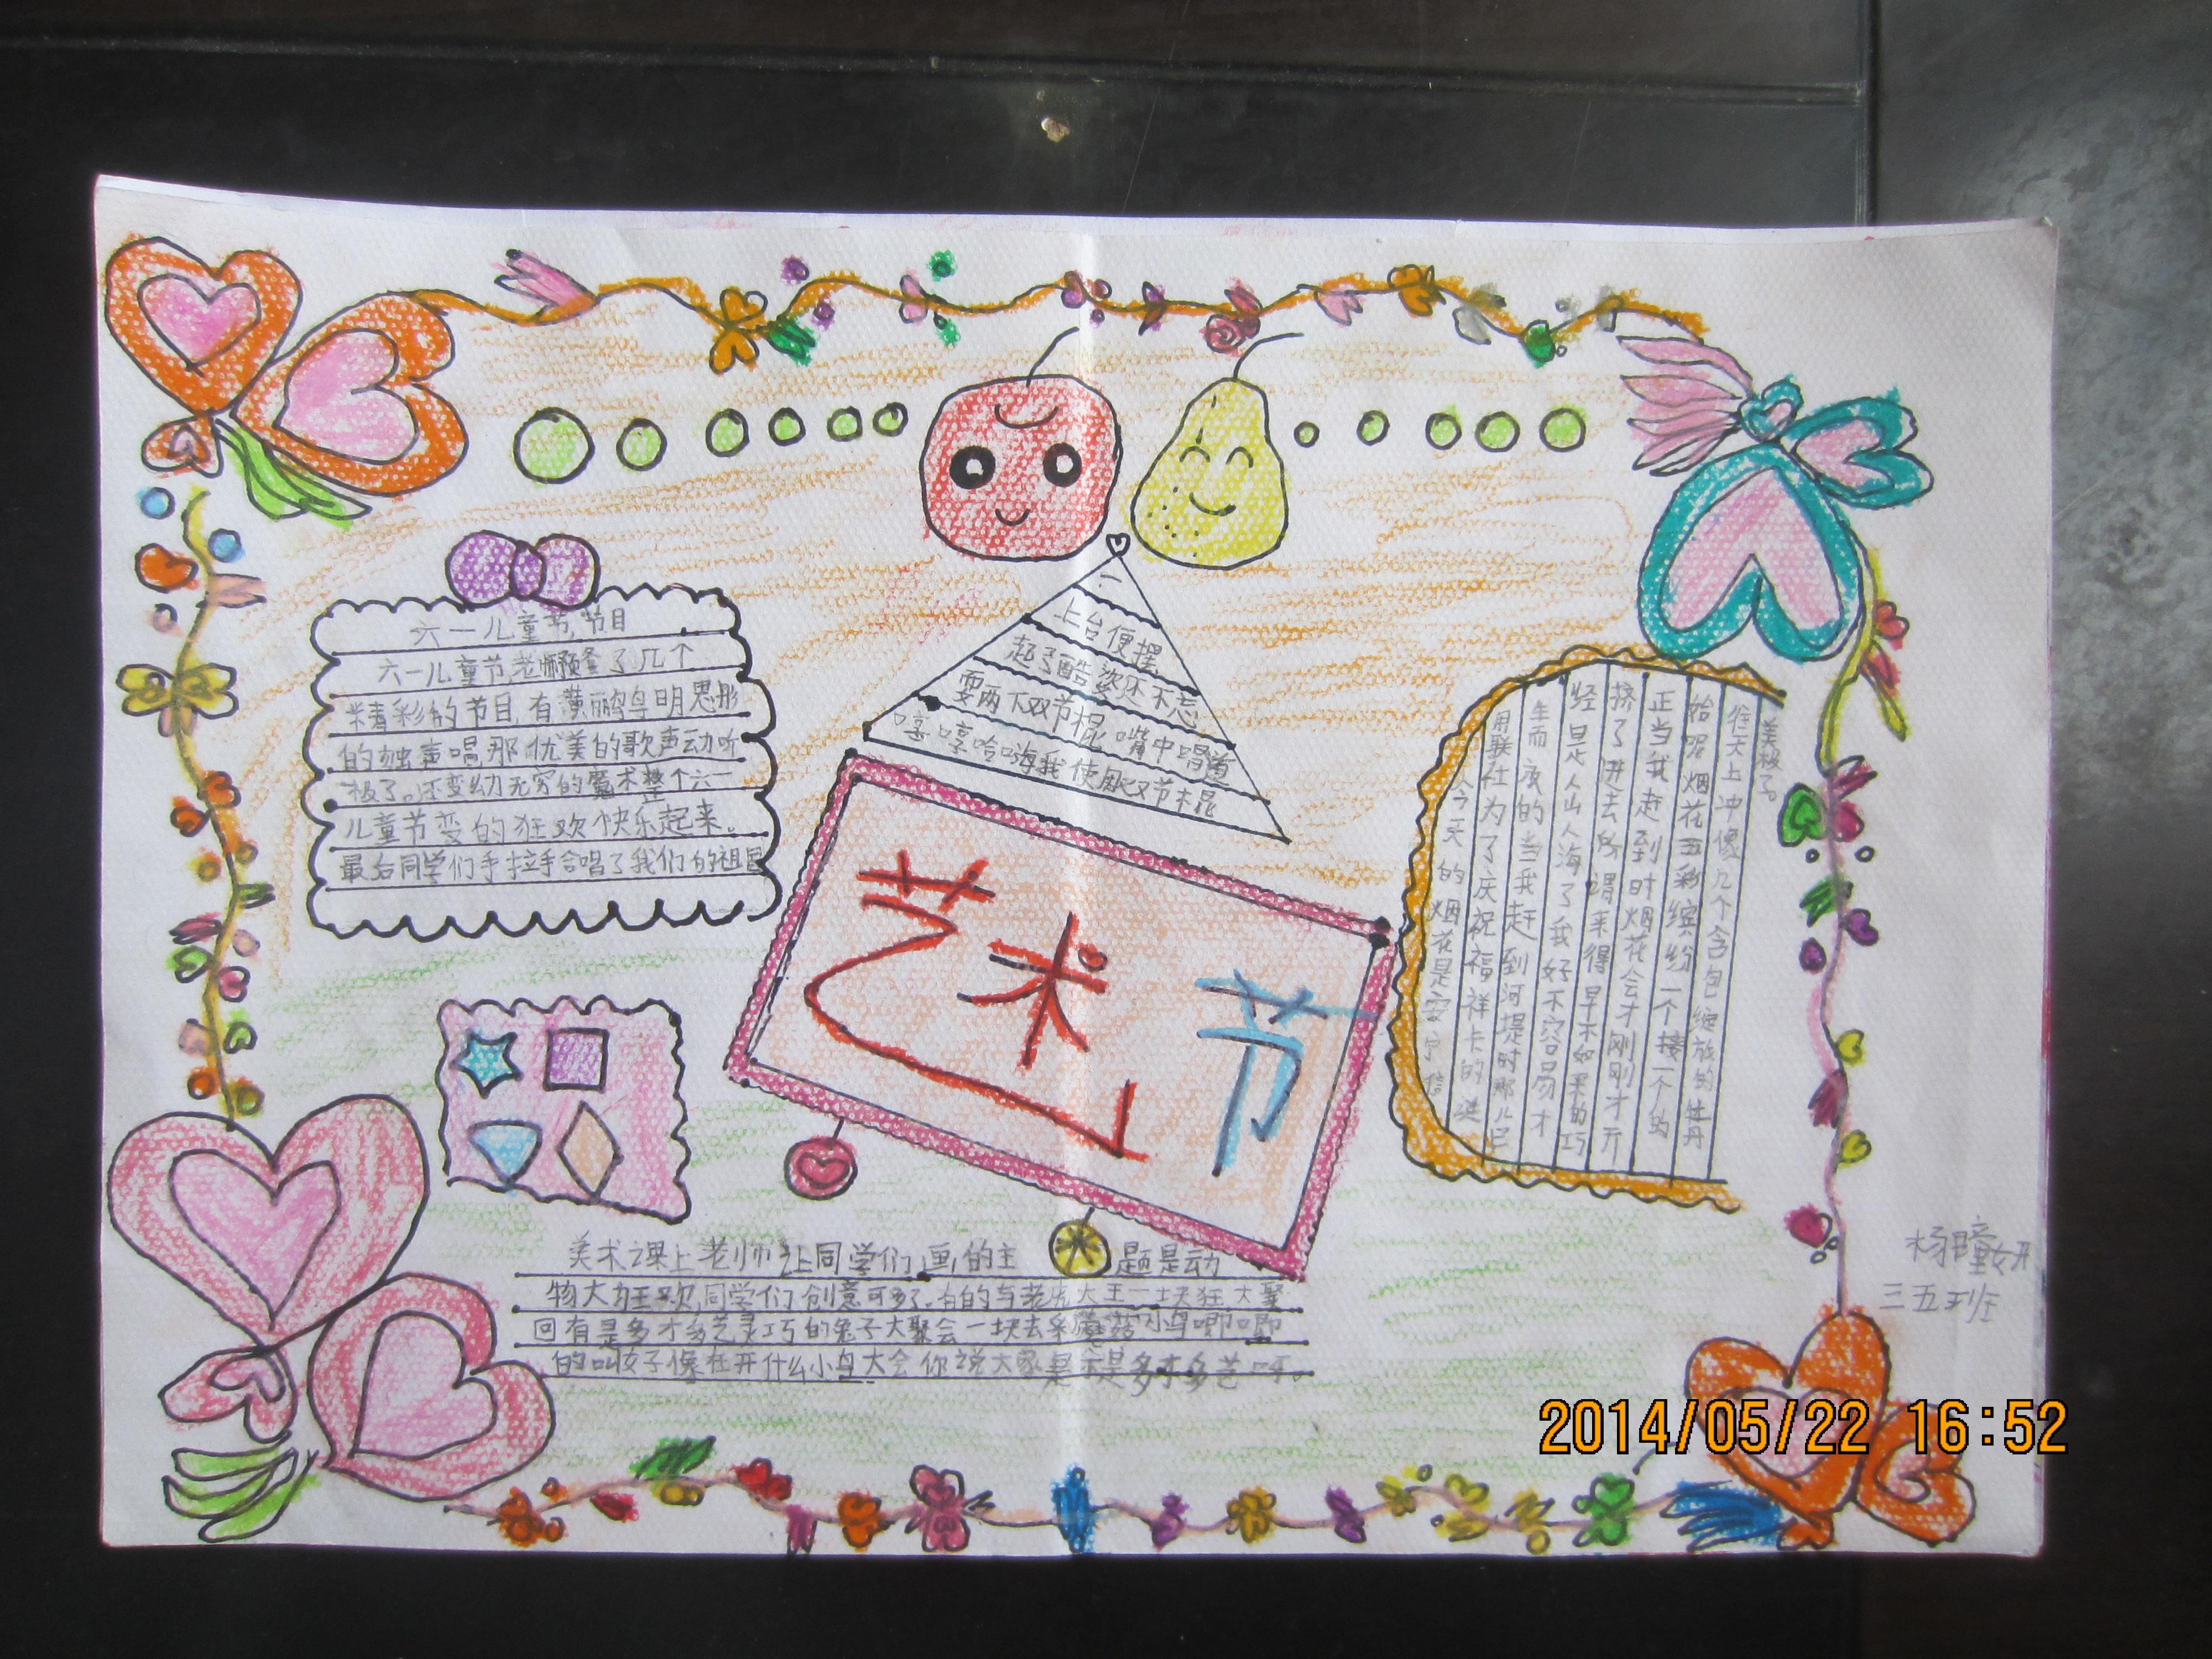 关于校园文化艺术节的手抄报文字内容